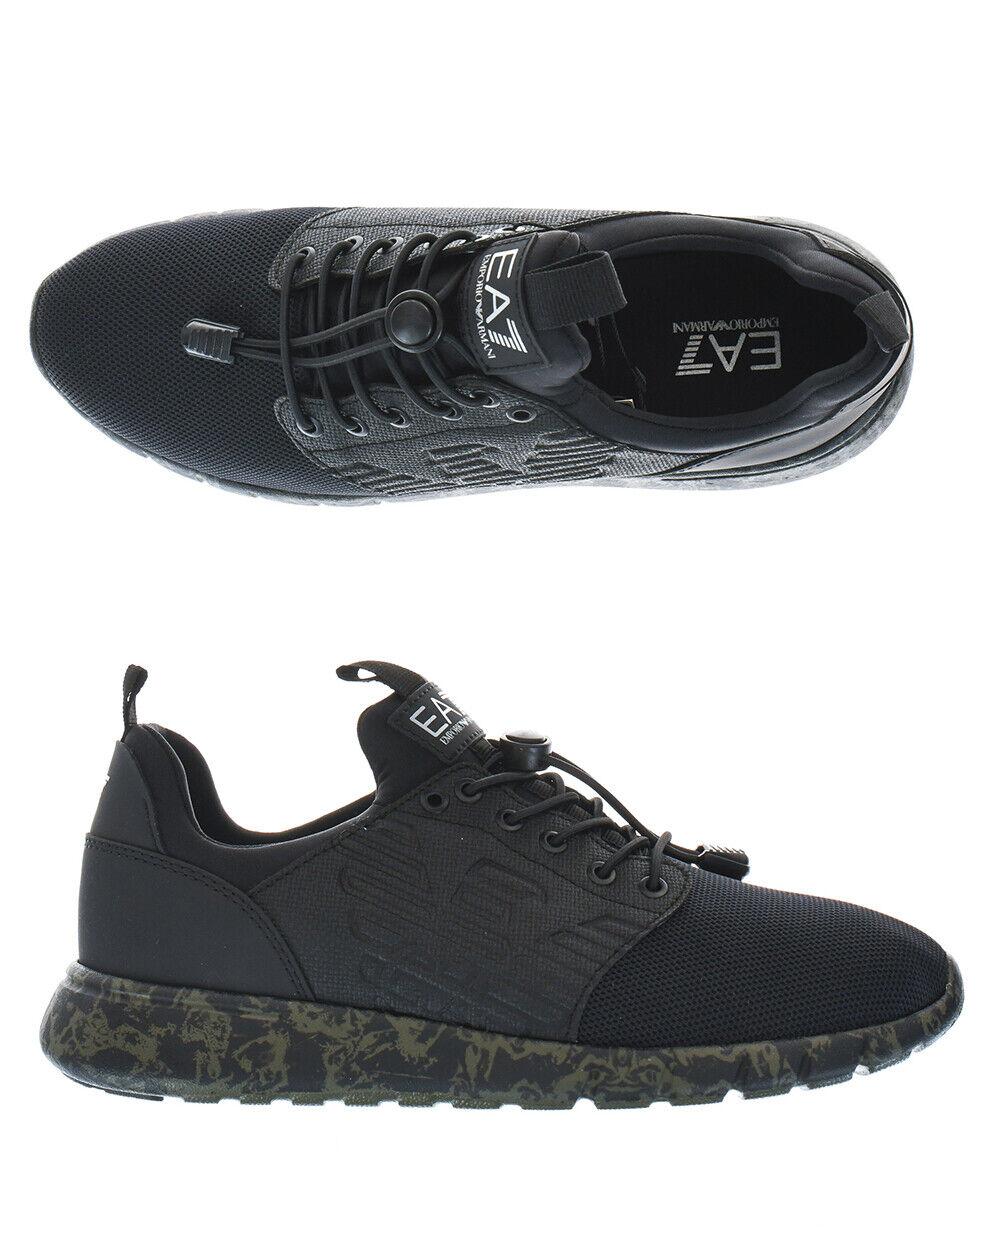 Emporio Armani Ea7 Chaussures baskets Homme Noir X8X009XK009 N140 Sz.6 faire offre